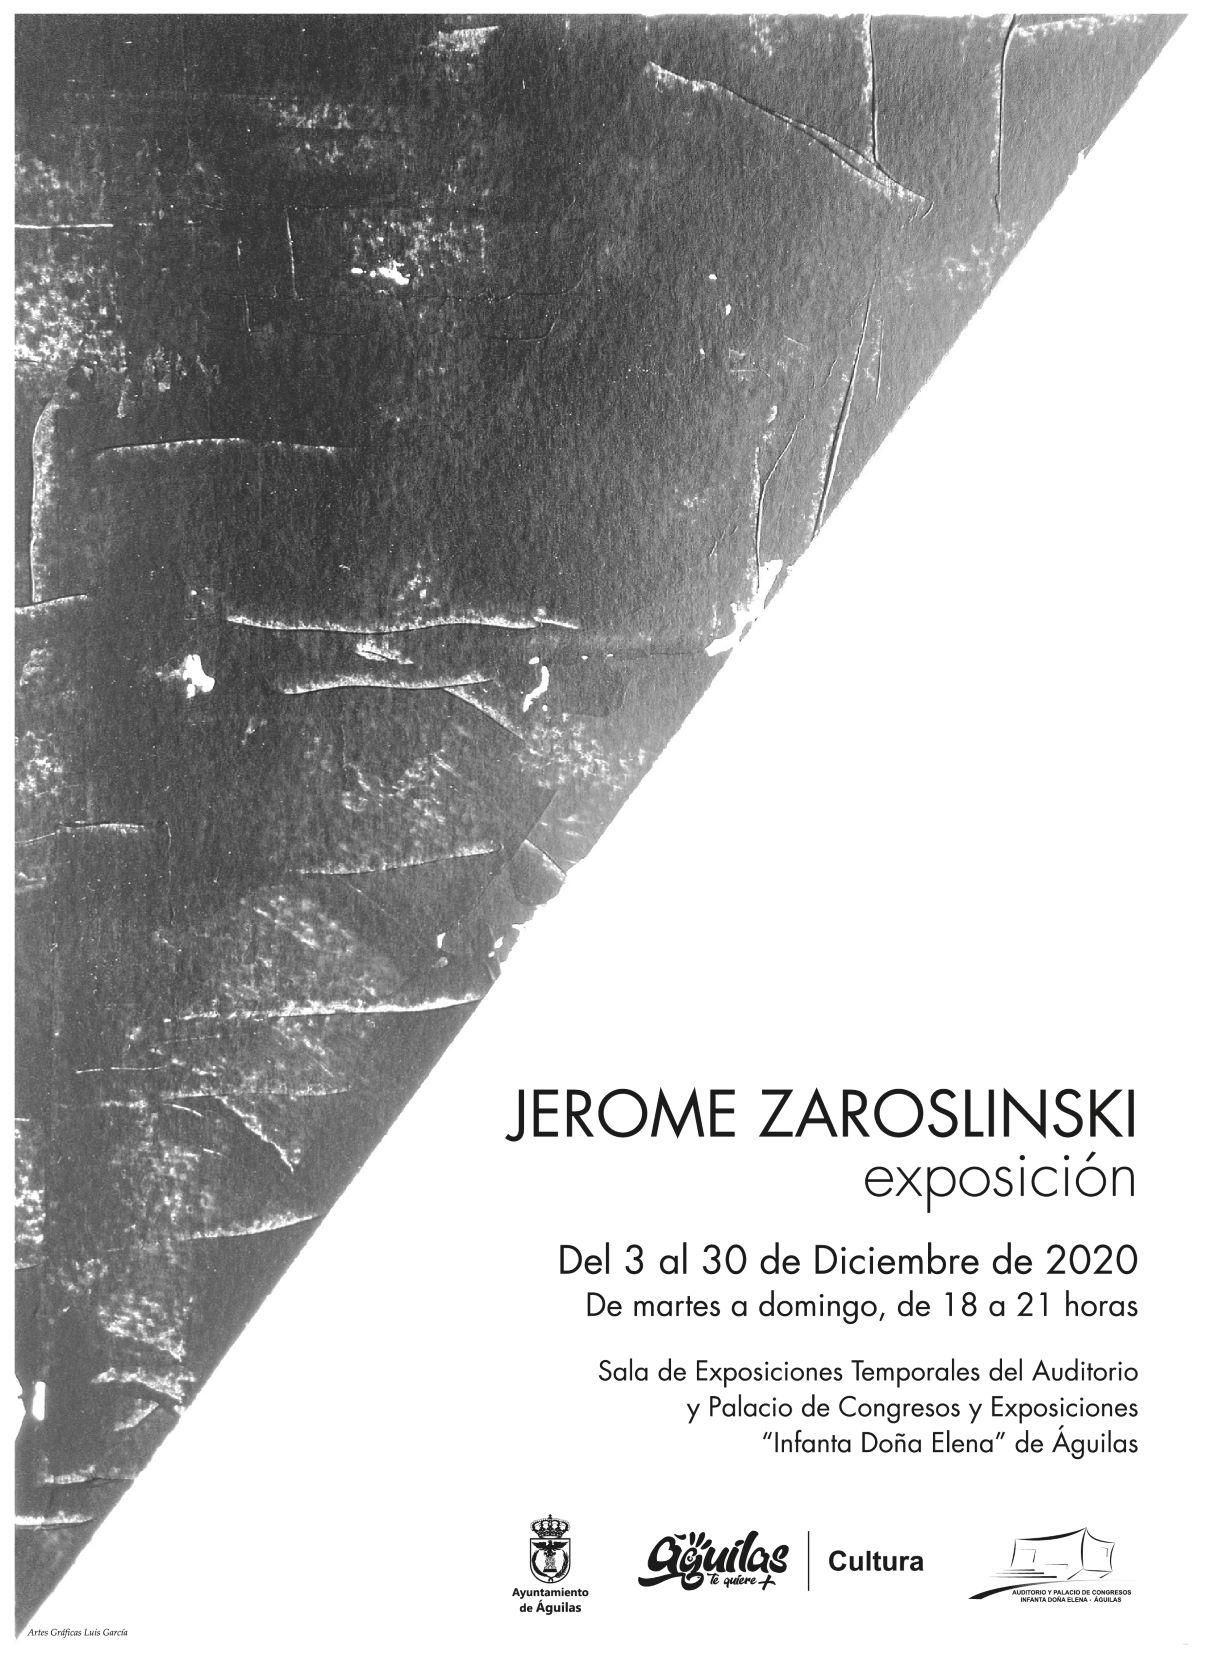 Jerome Zaroslinski